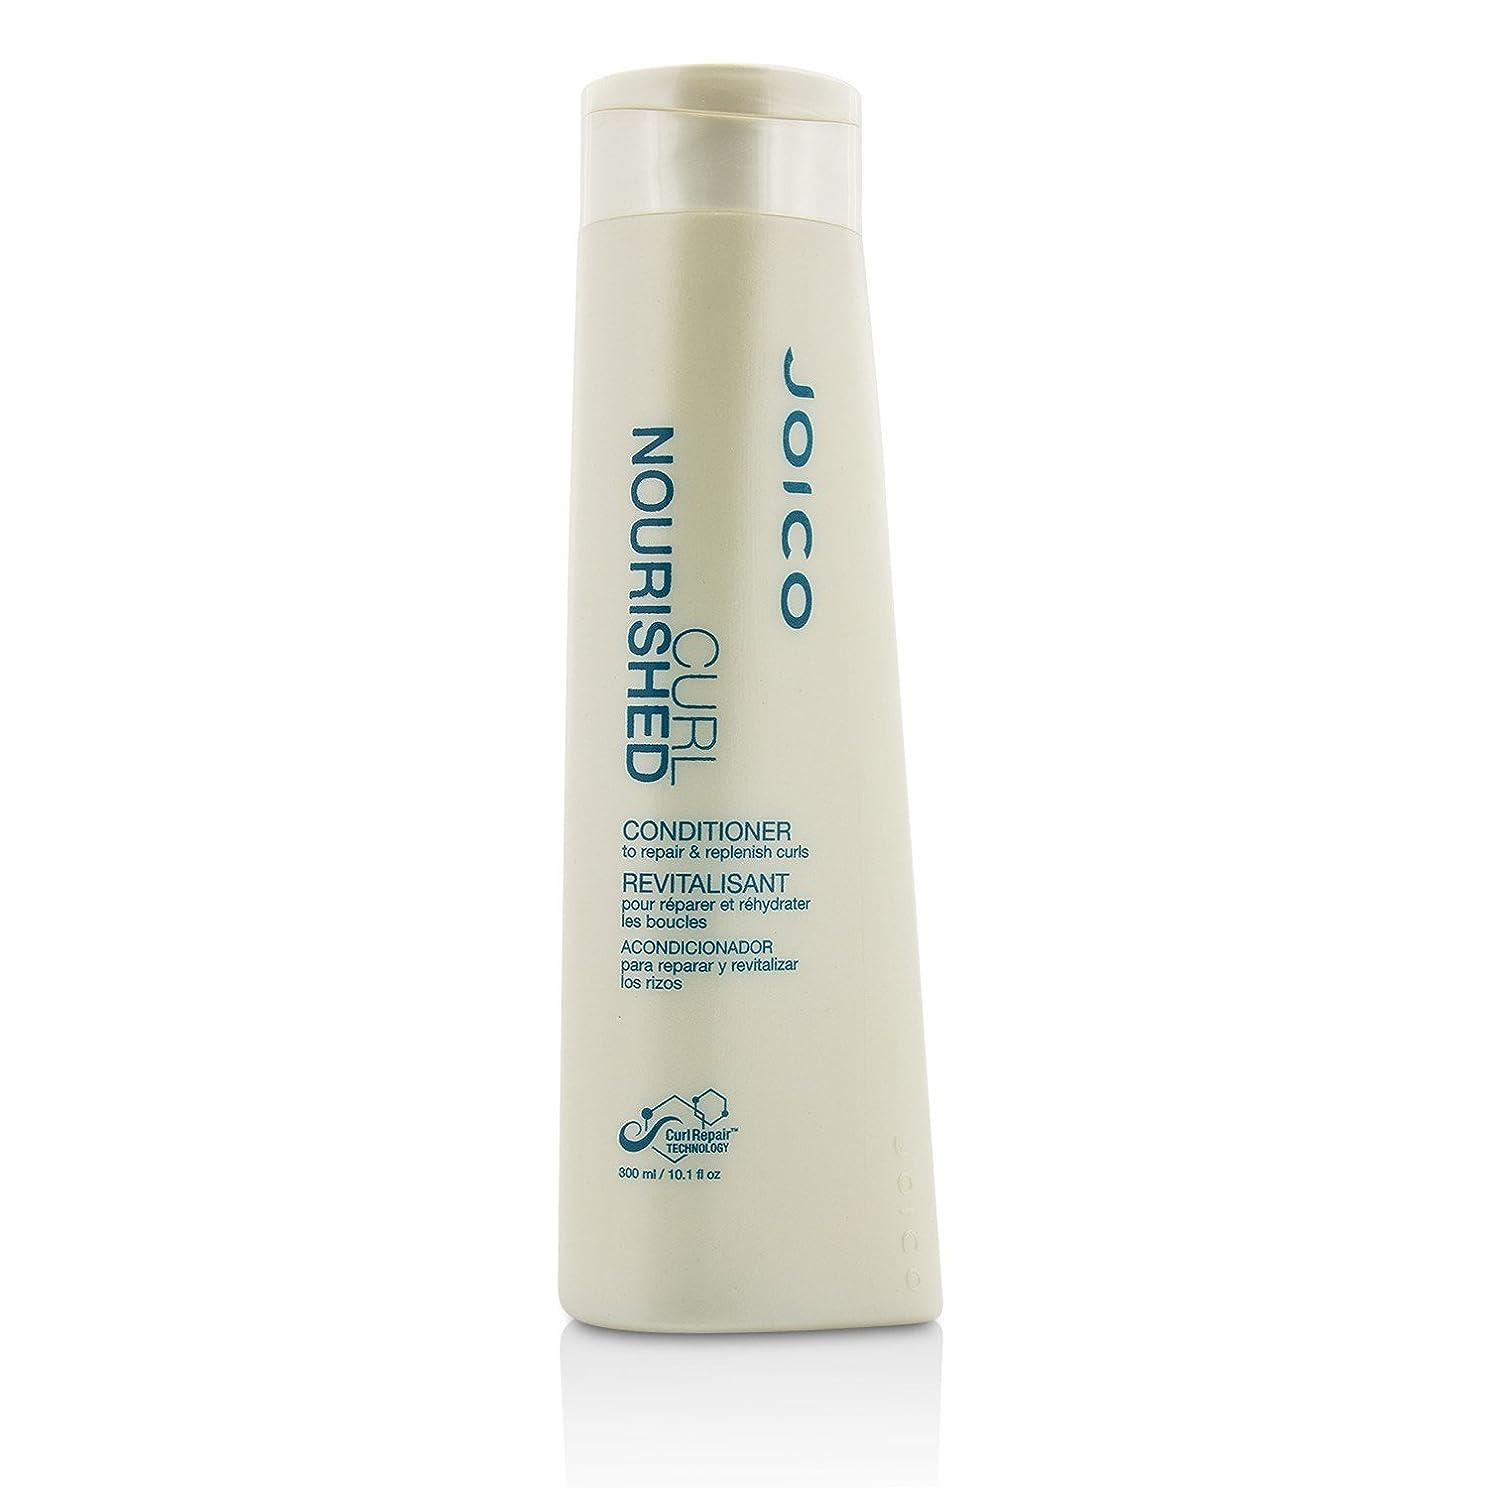 座る統合いろいろジョイコ Curl Nourished Conditioner (To Repair & Nourish Curls) 300ml/10.1oz並行輸入品